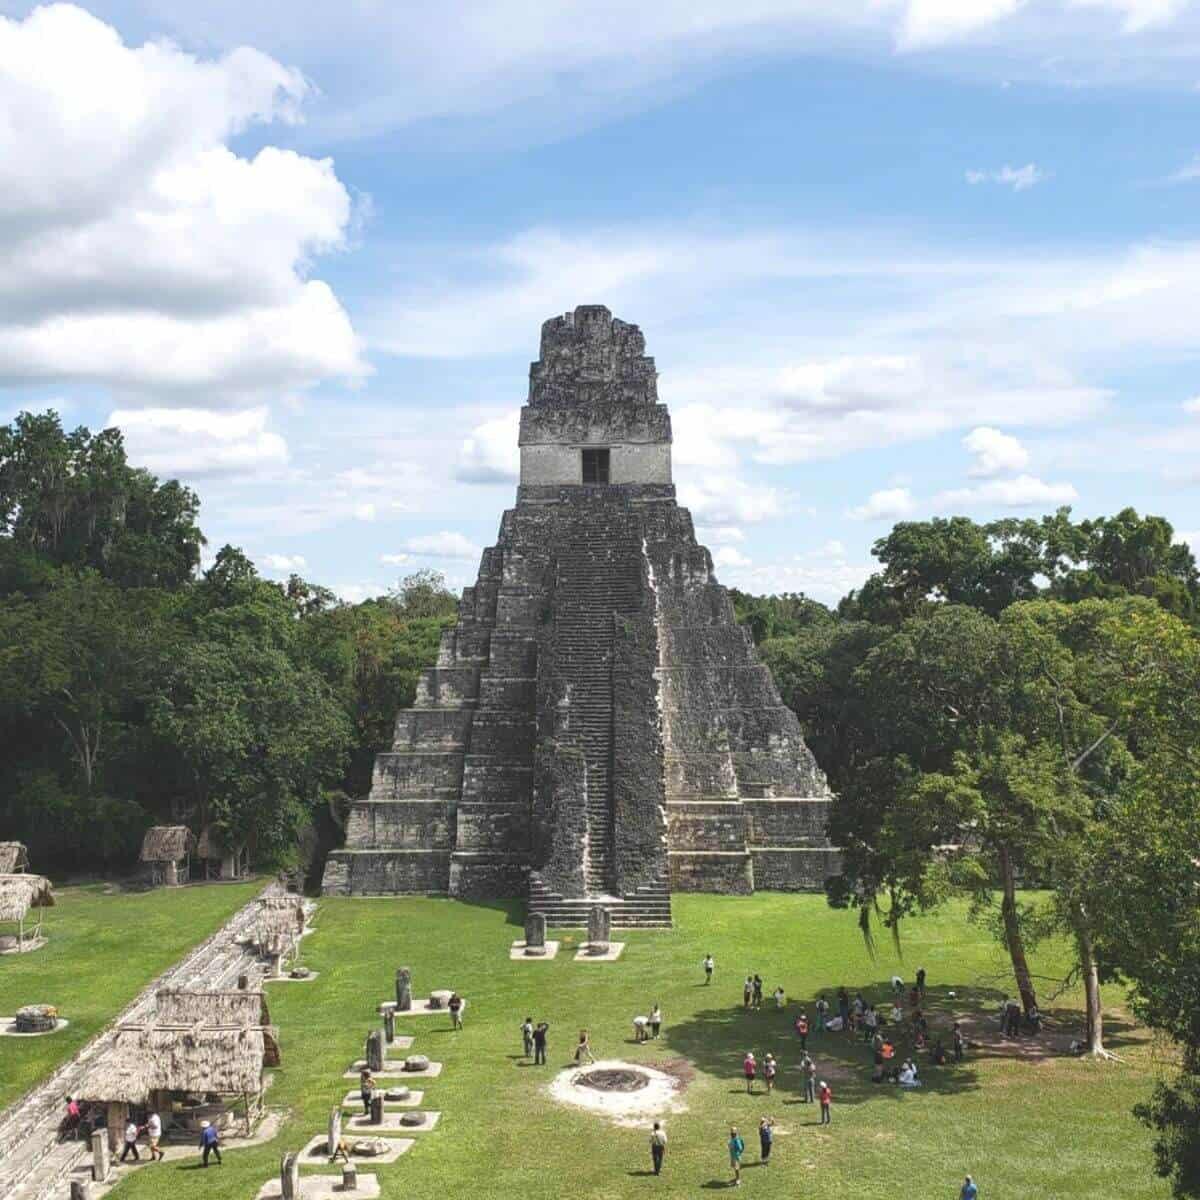 Architecture of Tikal, Guatemala.